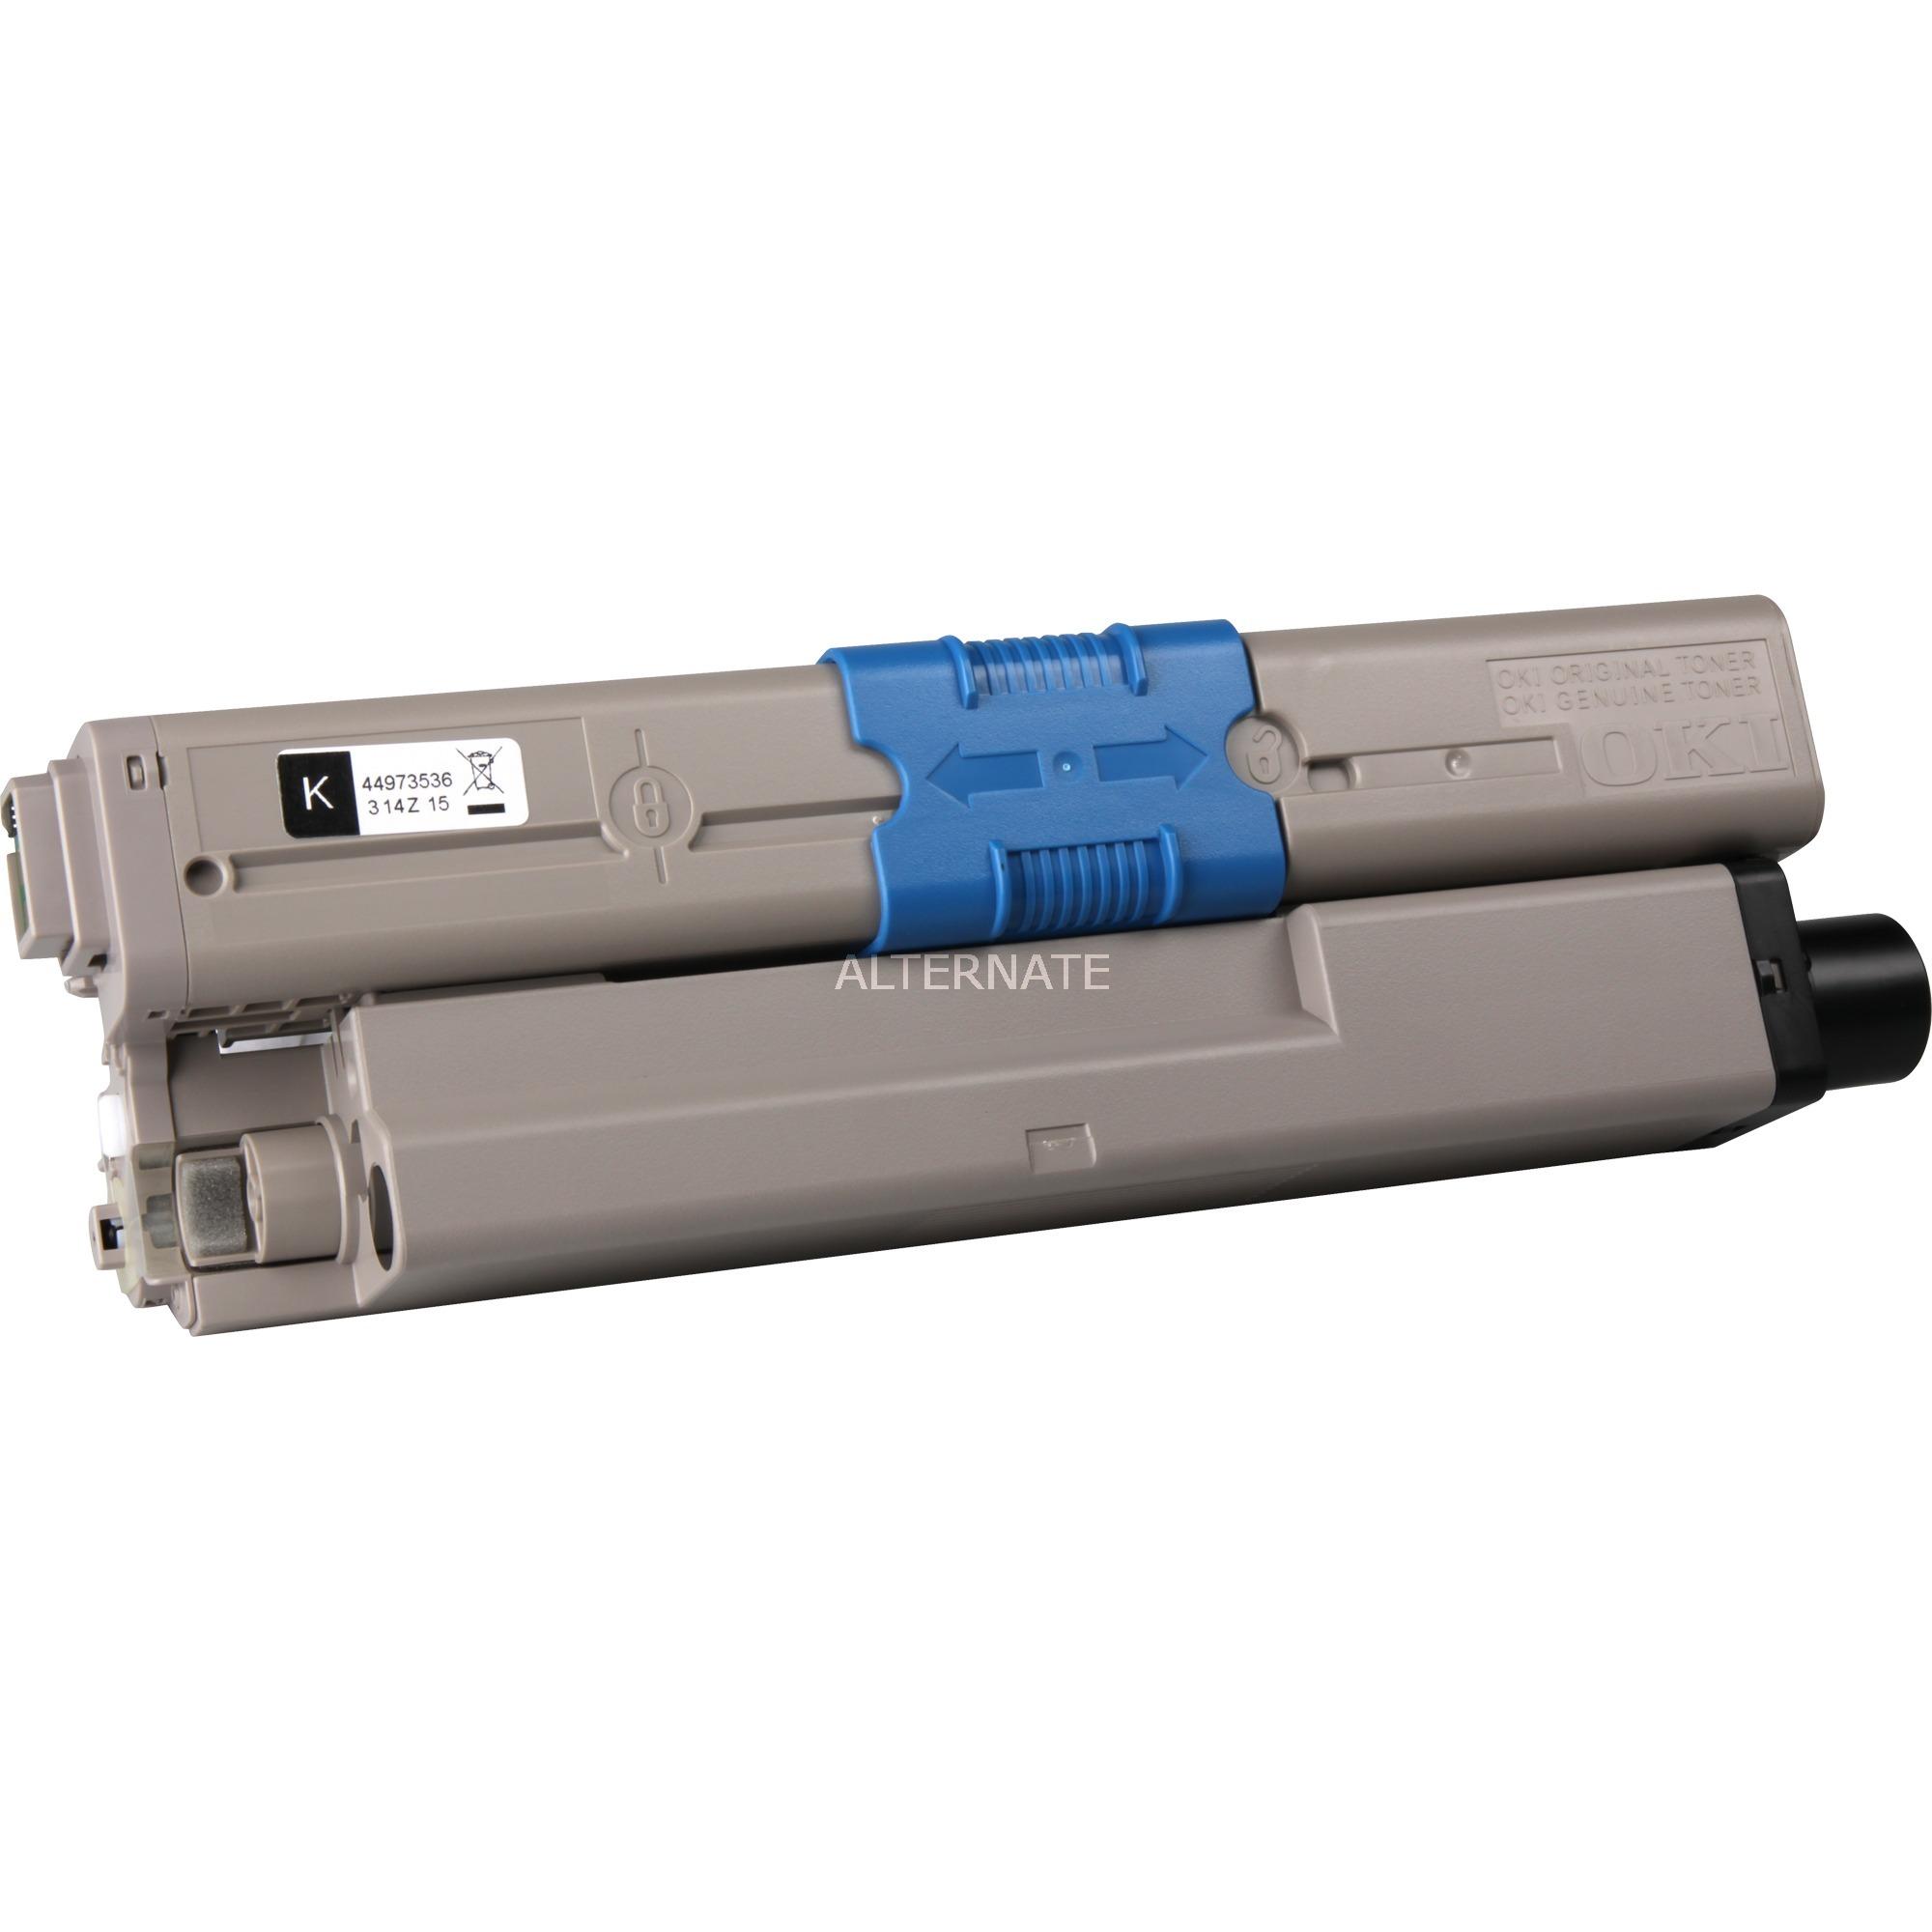 44973536 Cartouche laser 2200pages Noir cartouche toner et laser